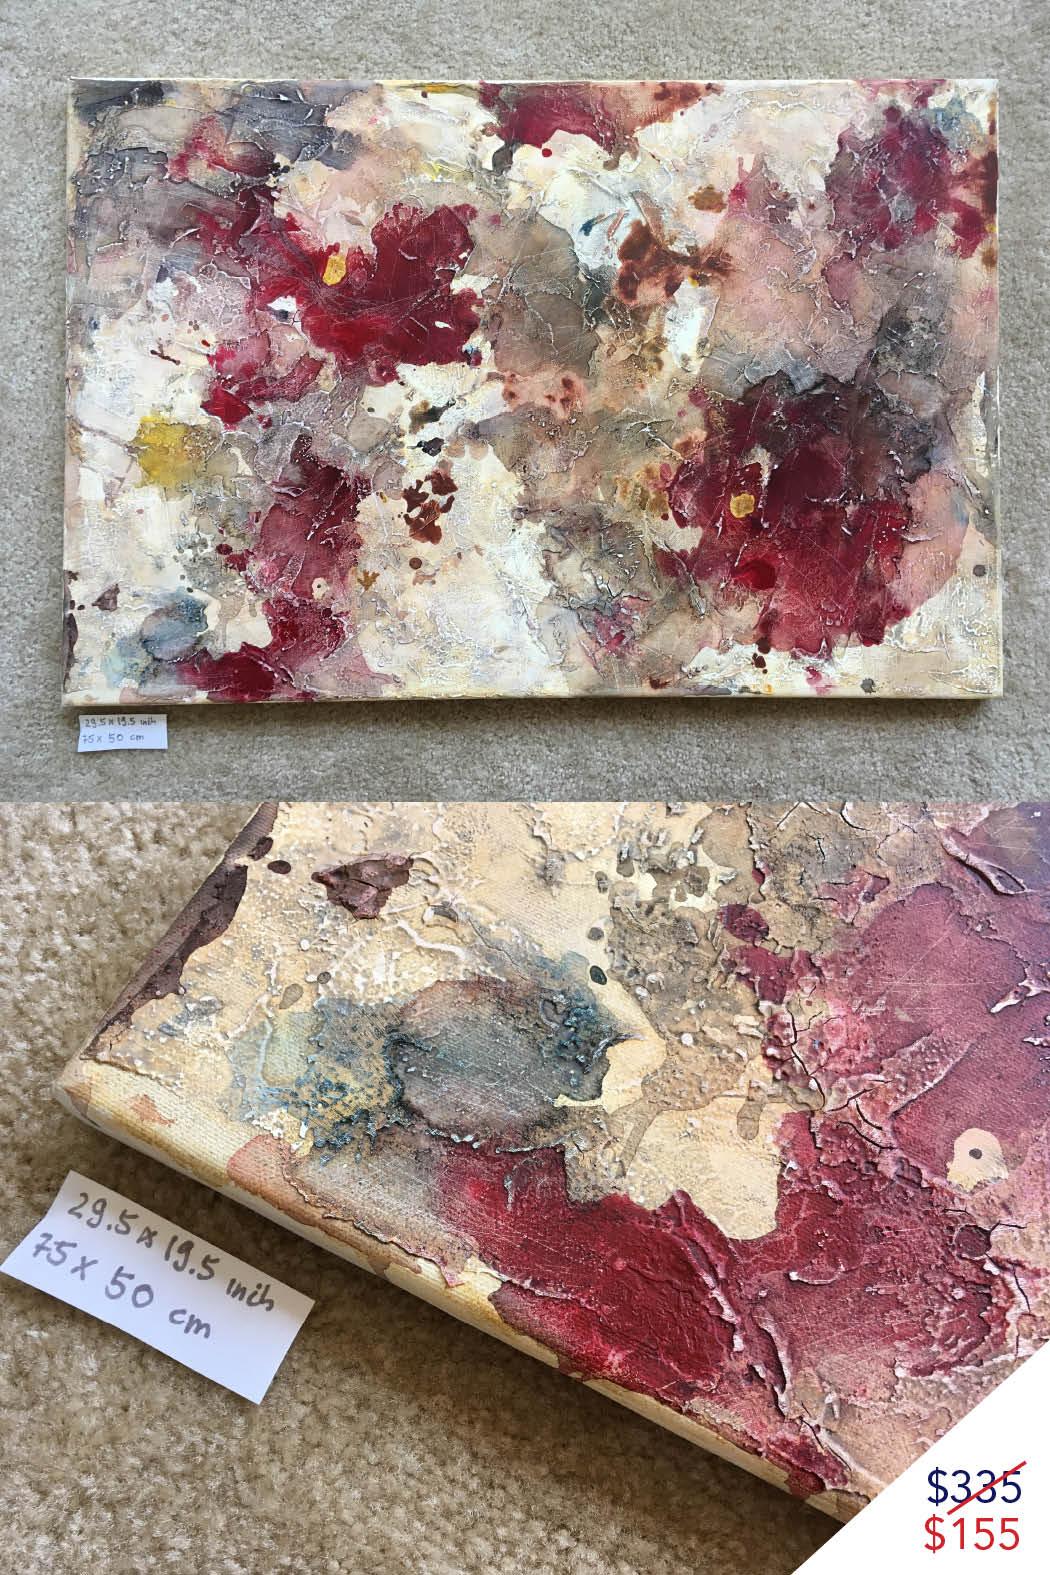 -Susanne_paintings-0023.jpg